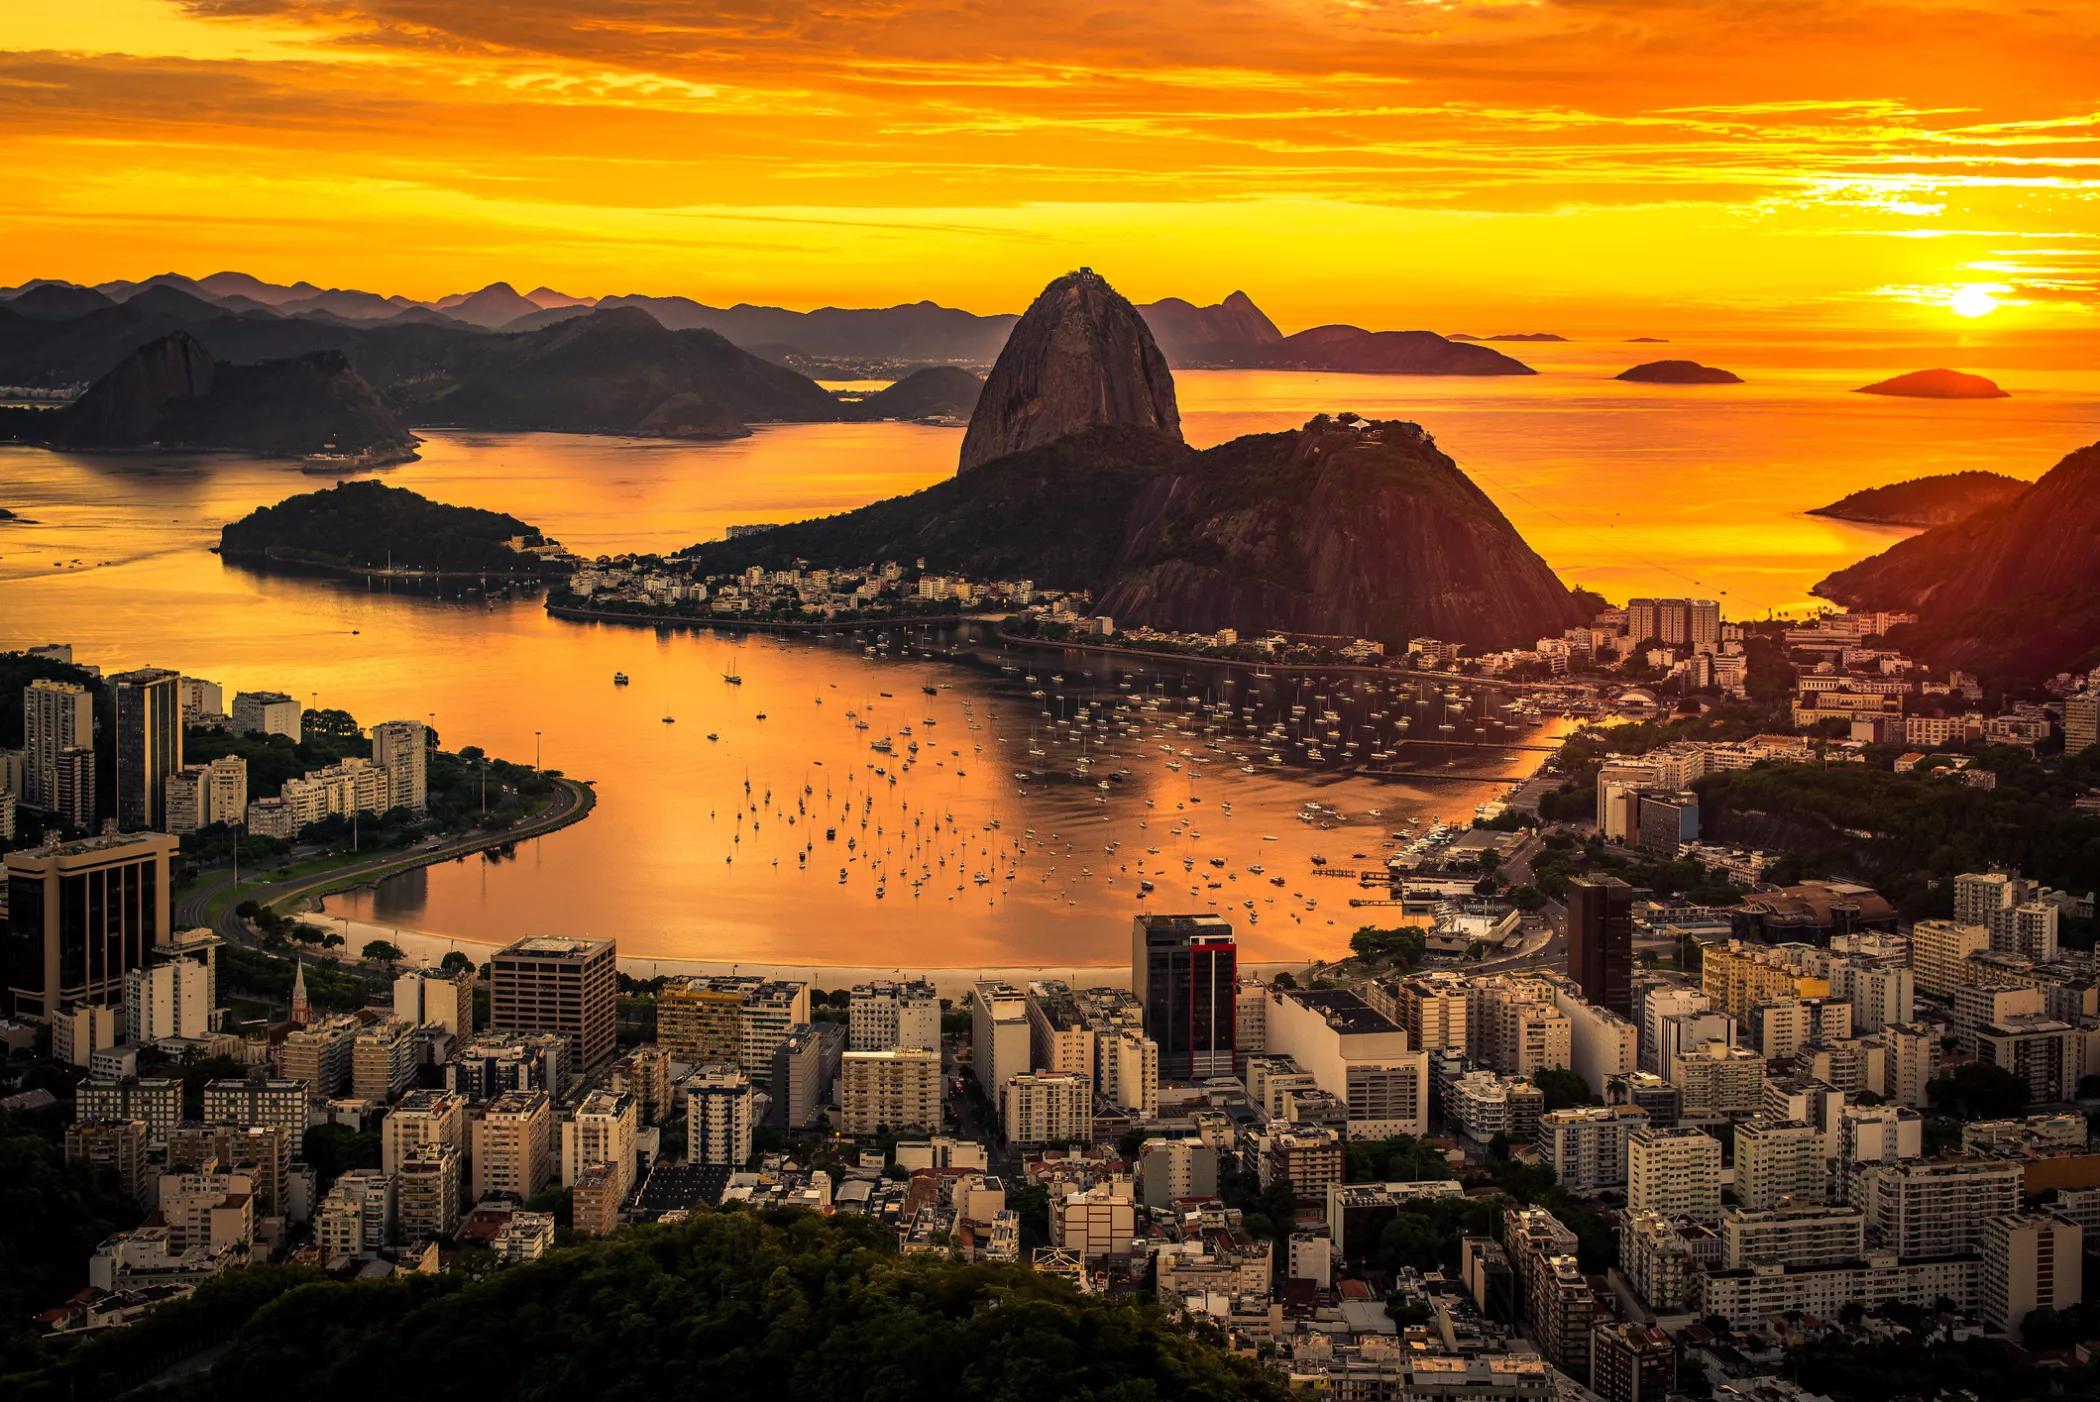 Momentos contemplativos, 15 locais onde o pôr do sol tem mais encanto